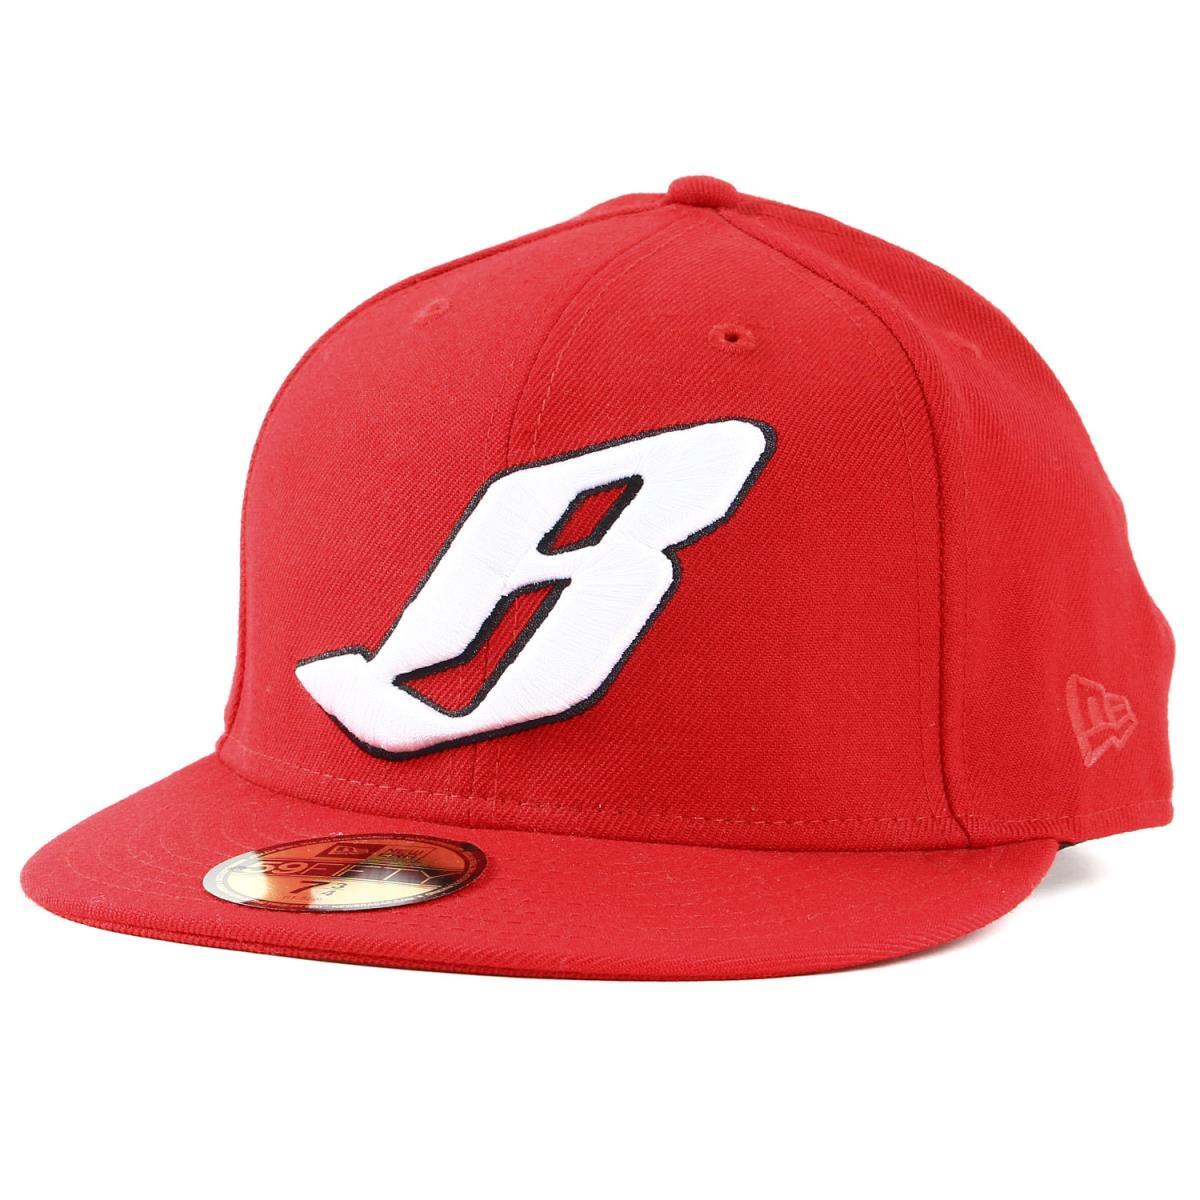 メンズ帽子, キャップ BBCICE CREAM NEW ERA B 7 34(61.5cm) K2882